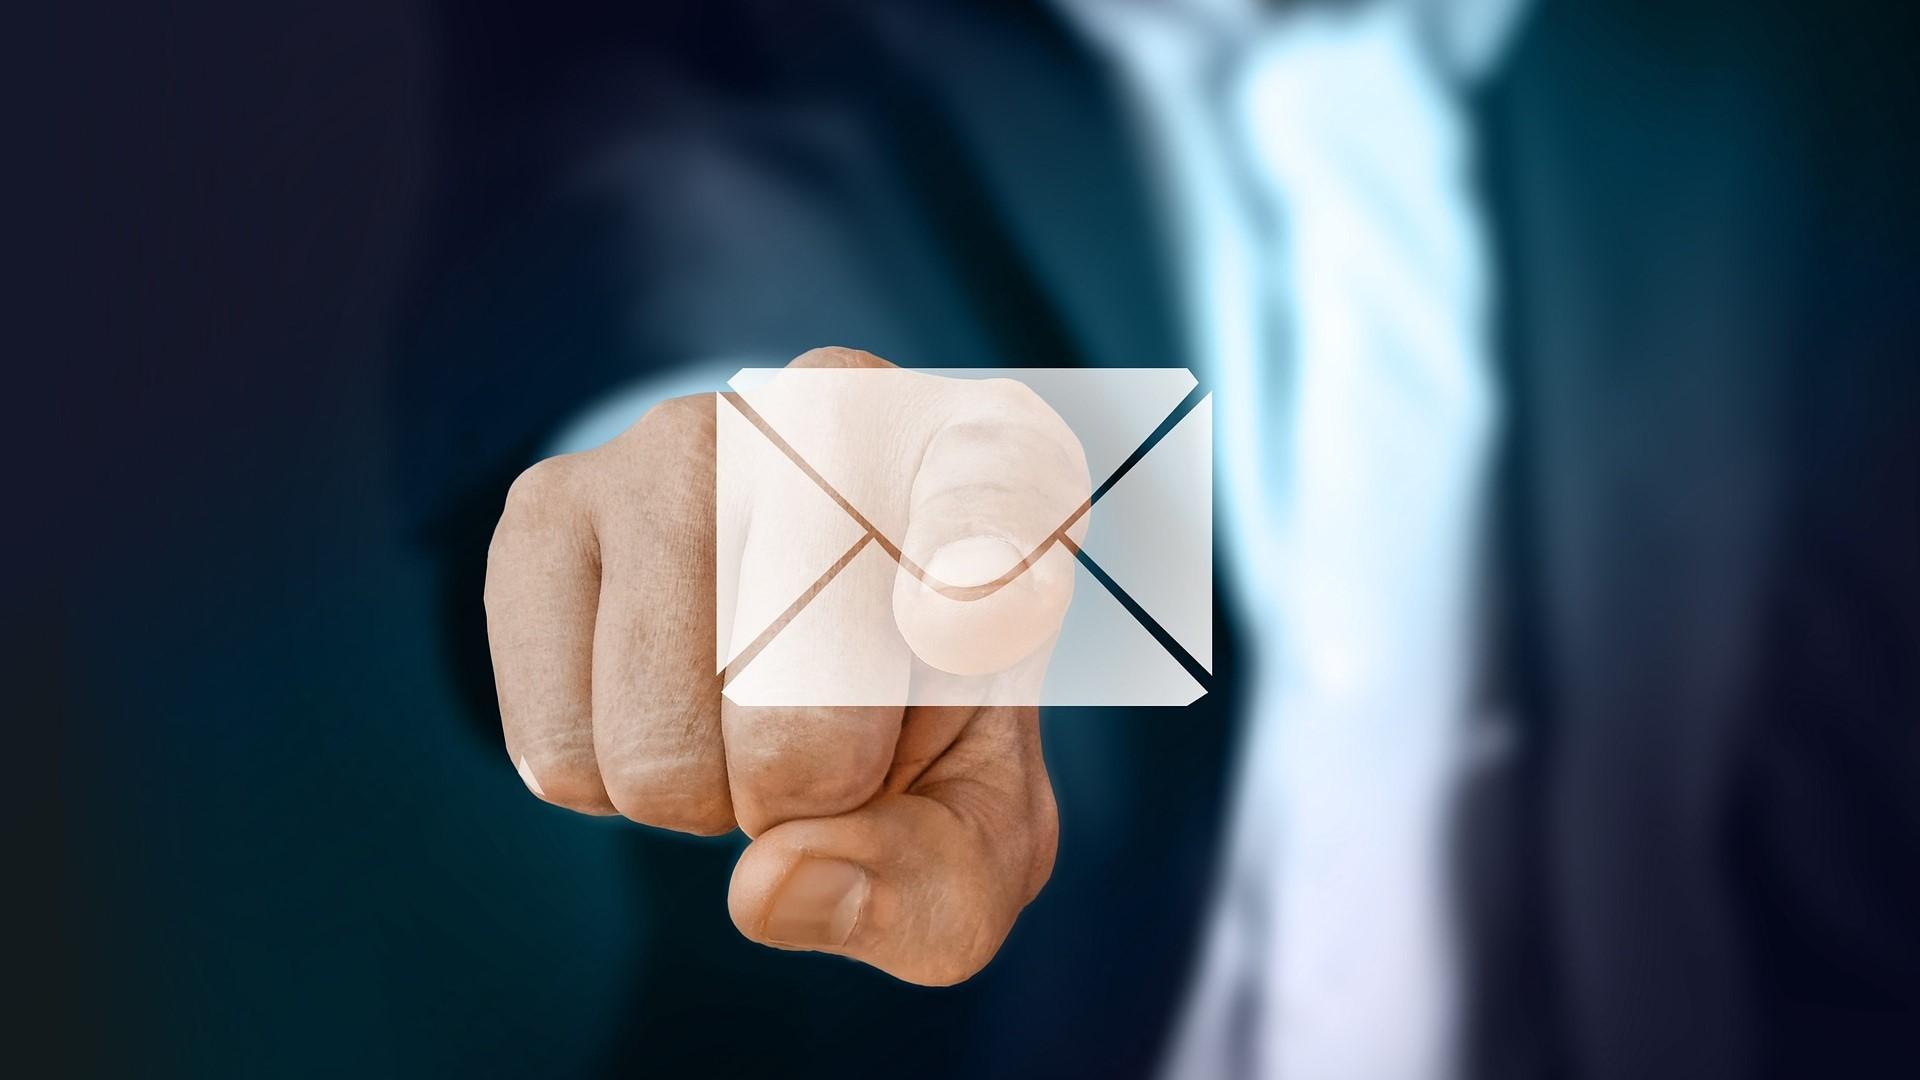 Um Ihr Konto bei Trading 212 löschen zu lassen, schreiben Sie eine E-Mail an den Kundenservice des Brokers.